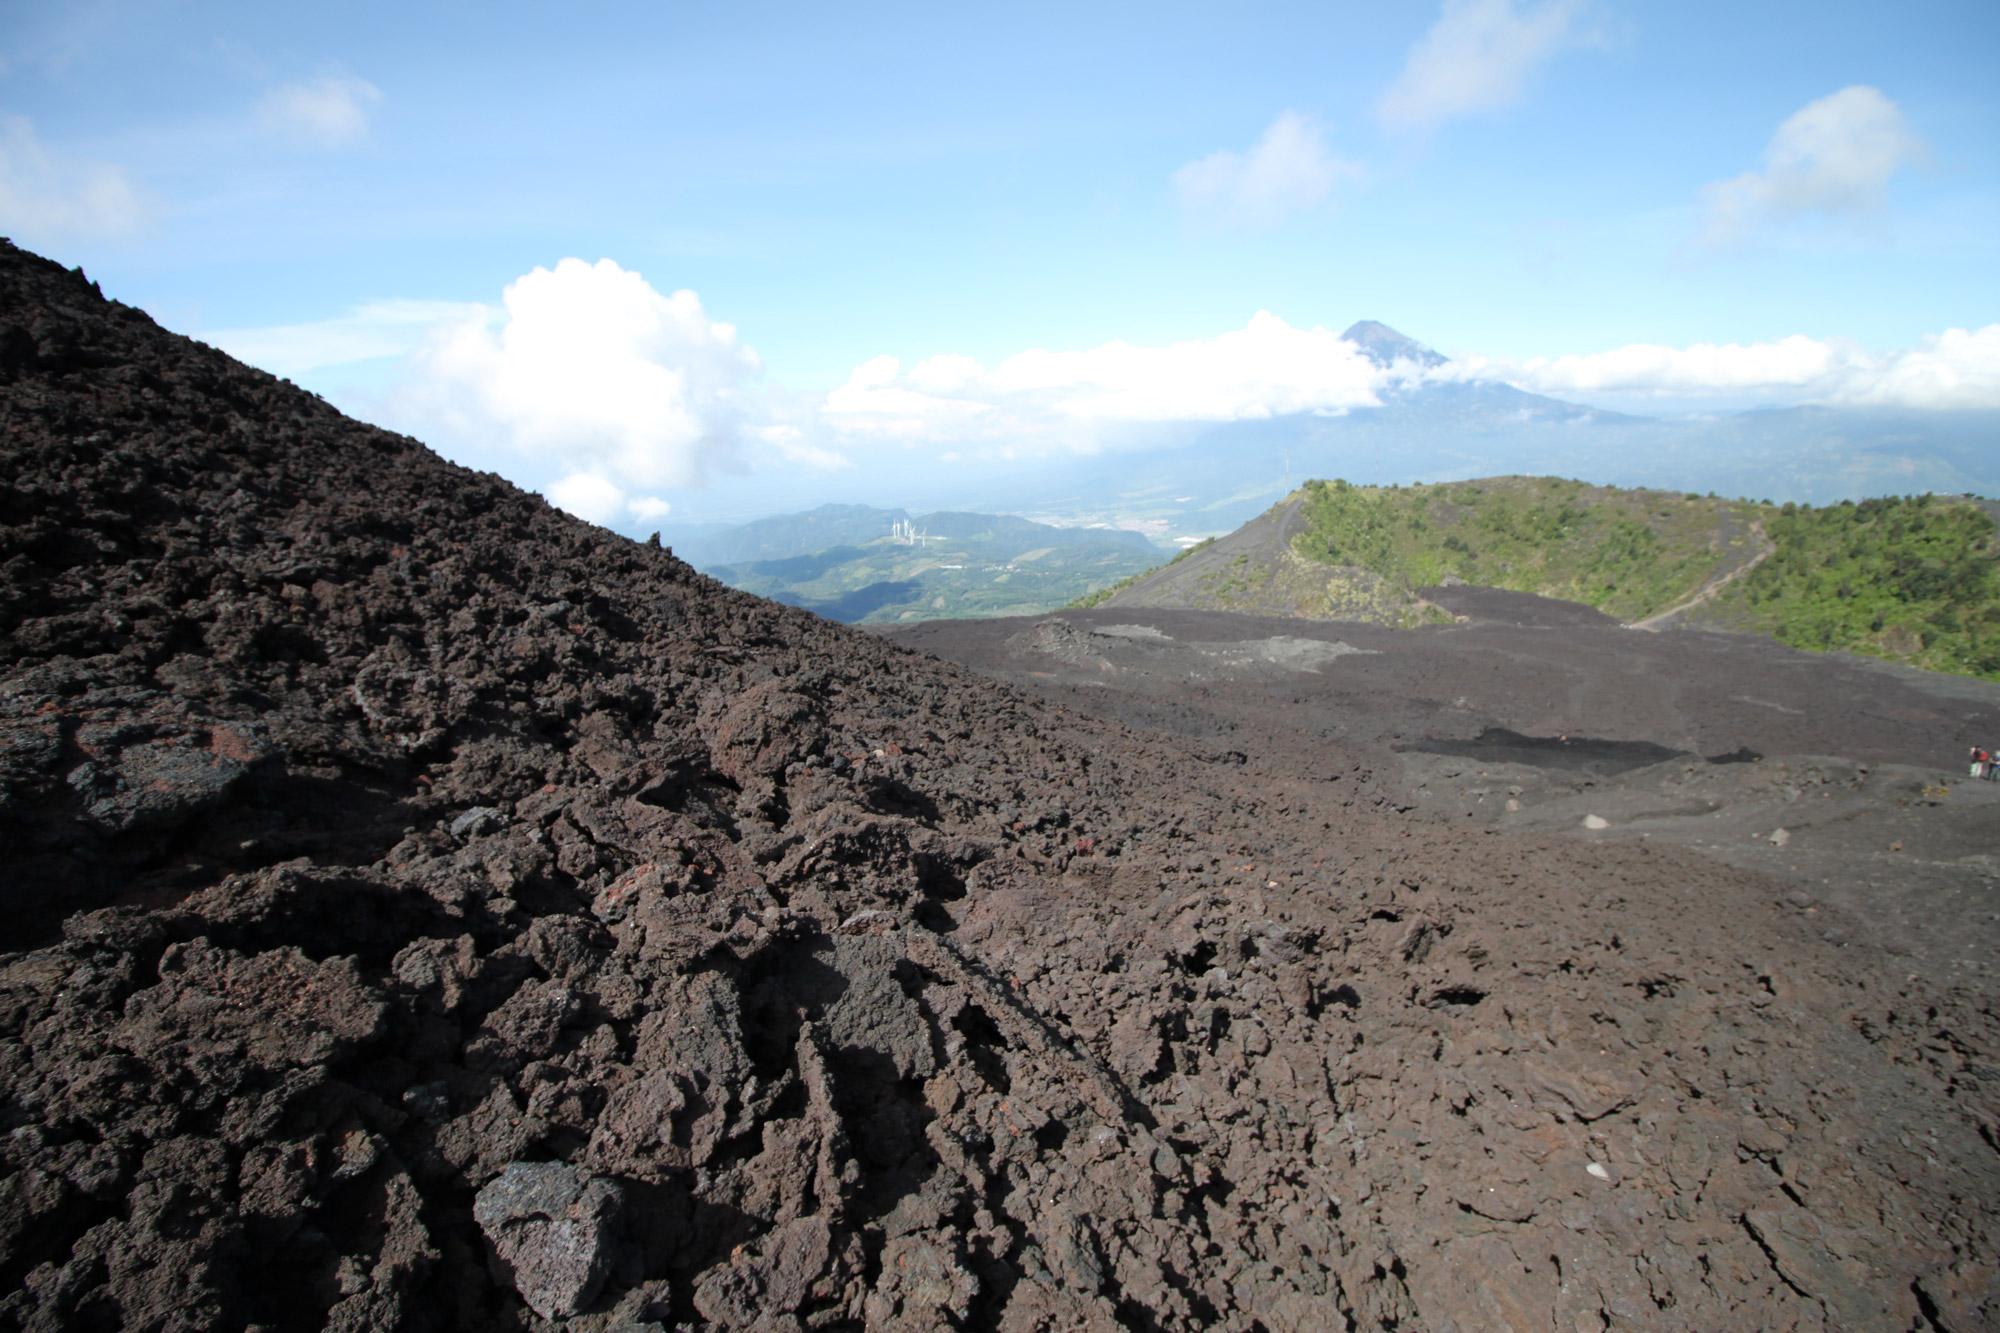 volcan pacaya stoot weer lava uit